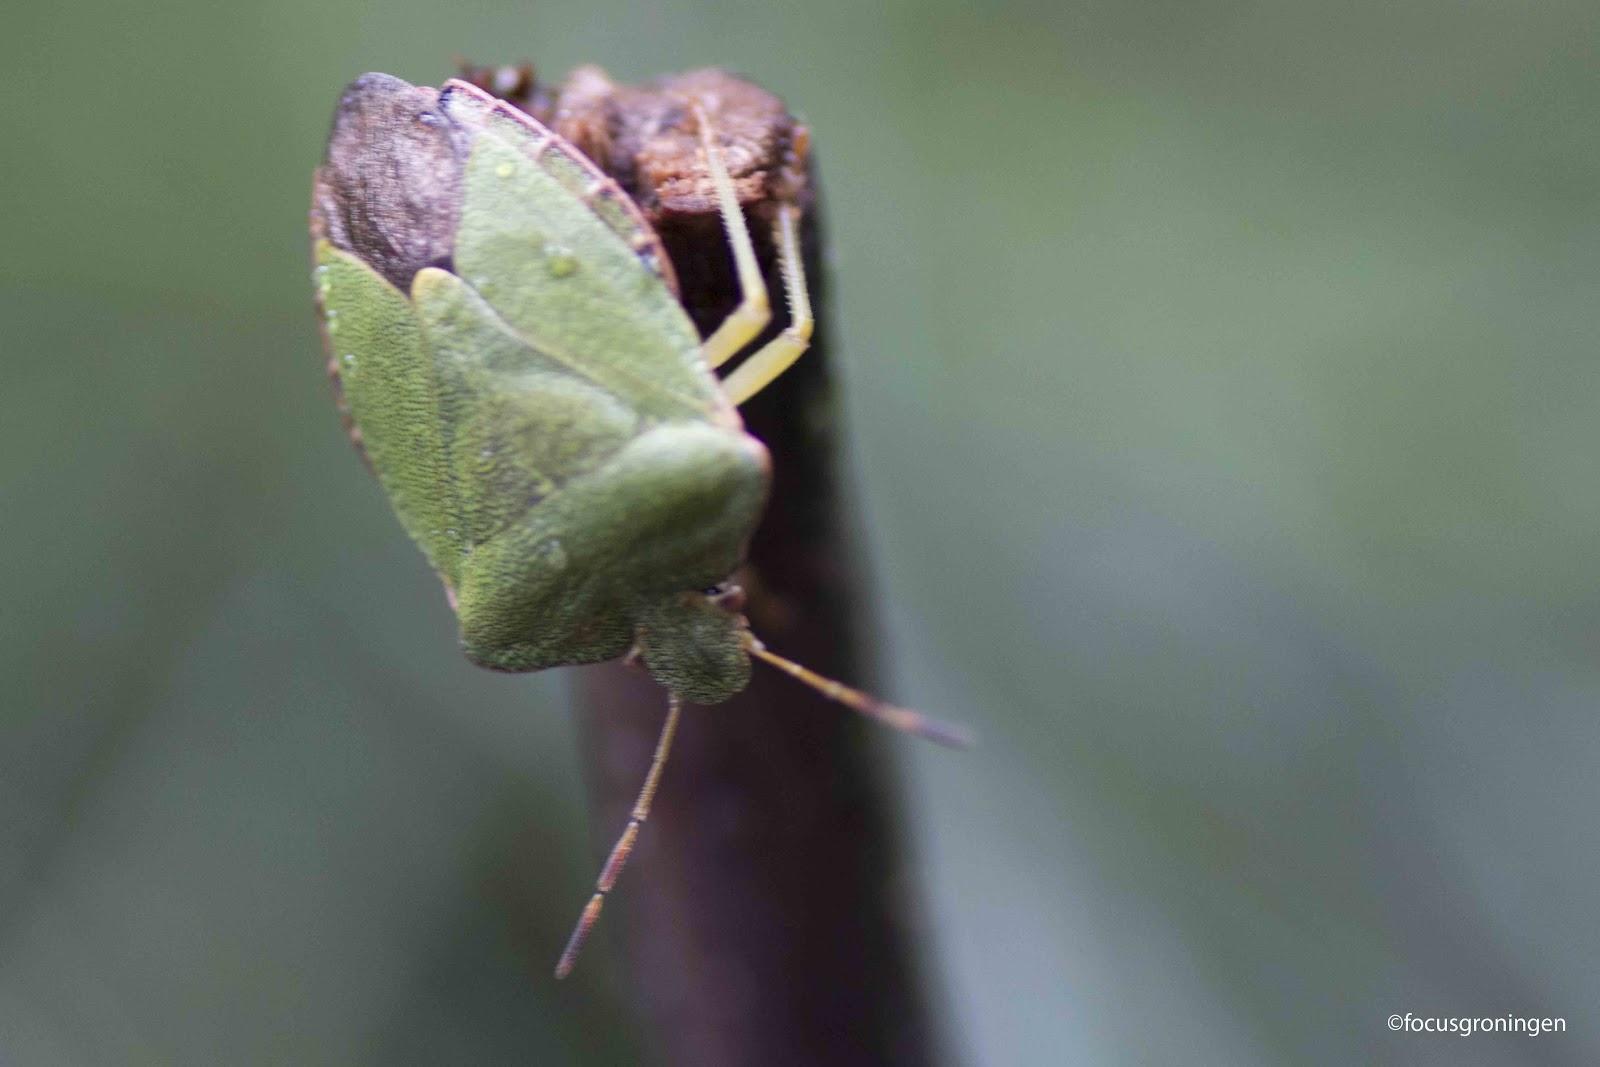 focusnatuur: Natuur Insecten Wantsen Groene stinkwants